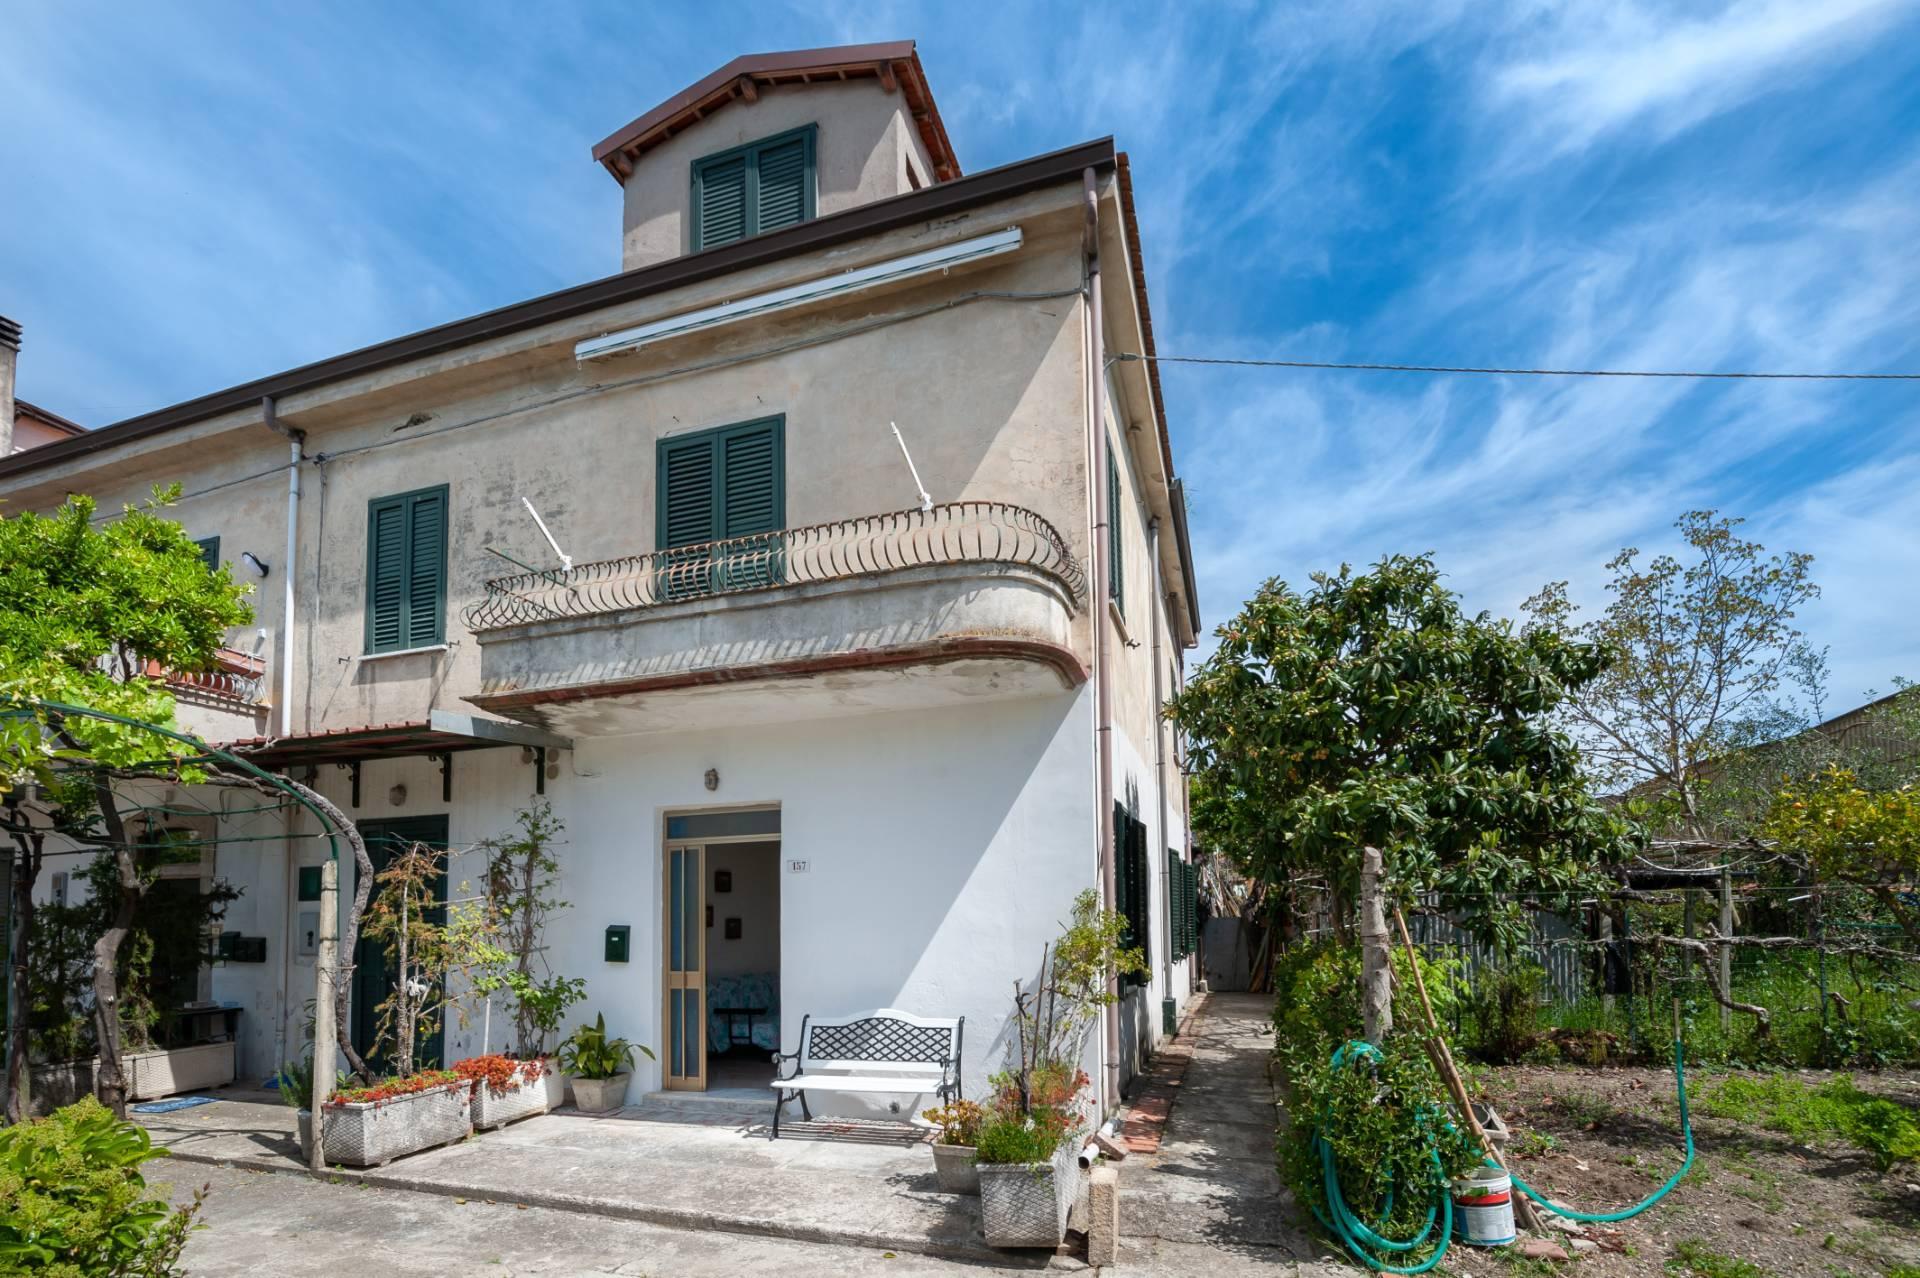 Appartamento in vendita a Casal Velino, 2 locali, zona Località: BiviodiAcquavella, prezzo € 60.000 | CambioCasa.it